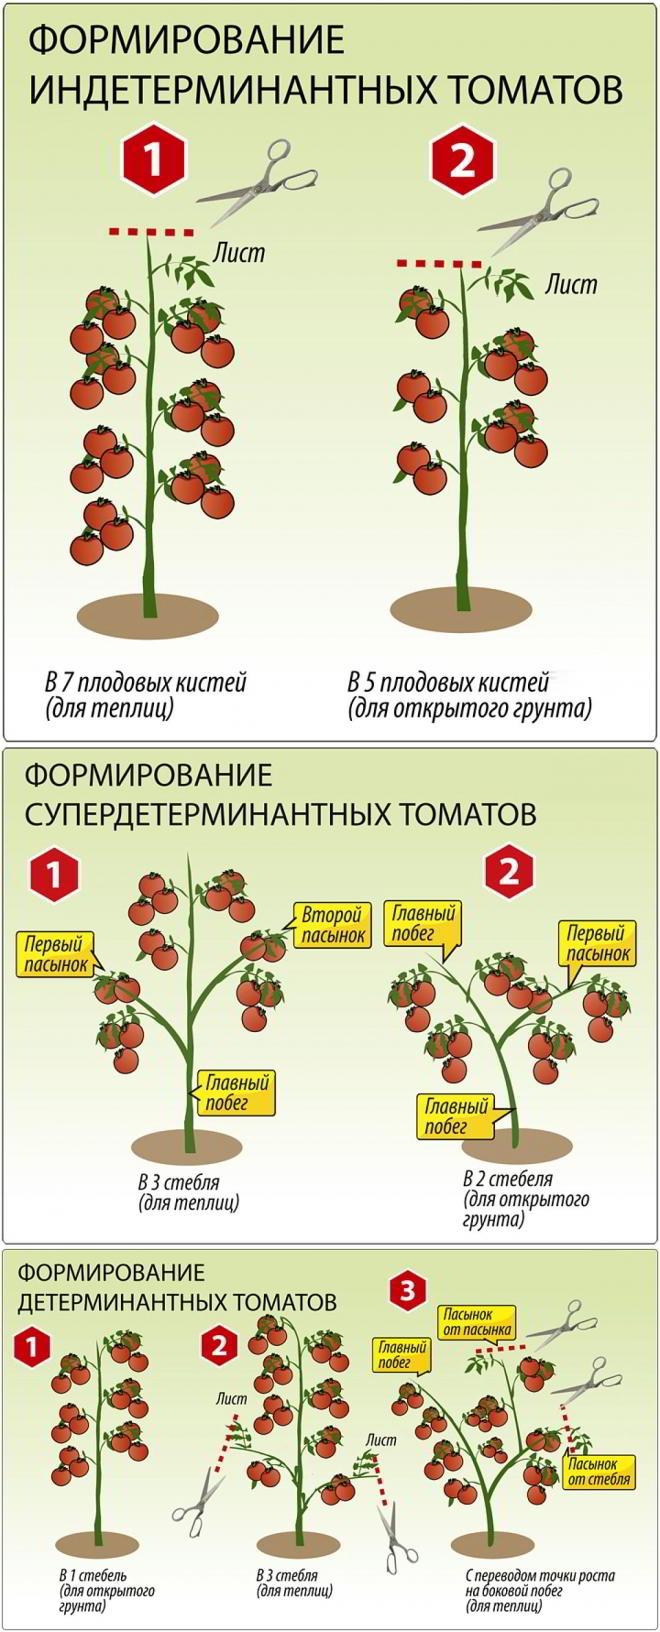 Пасынкование помидор в открытом грунте – дачные дела